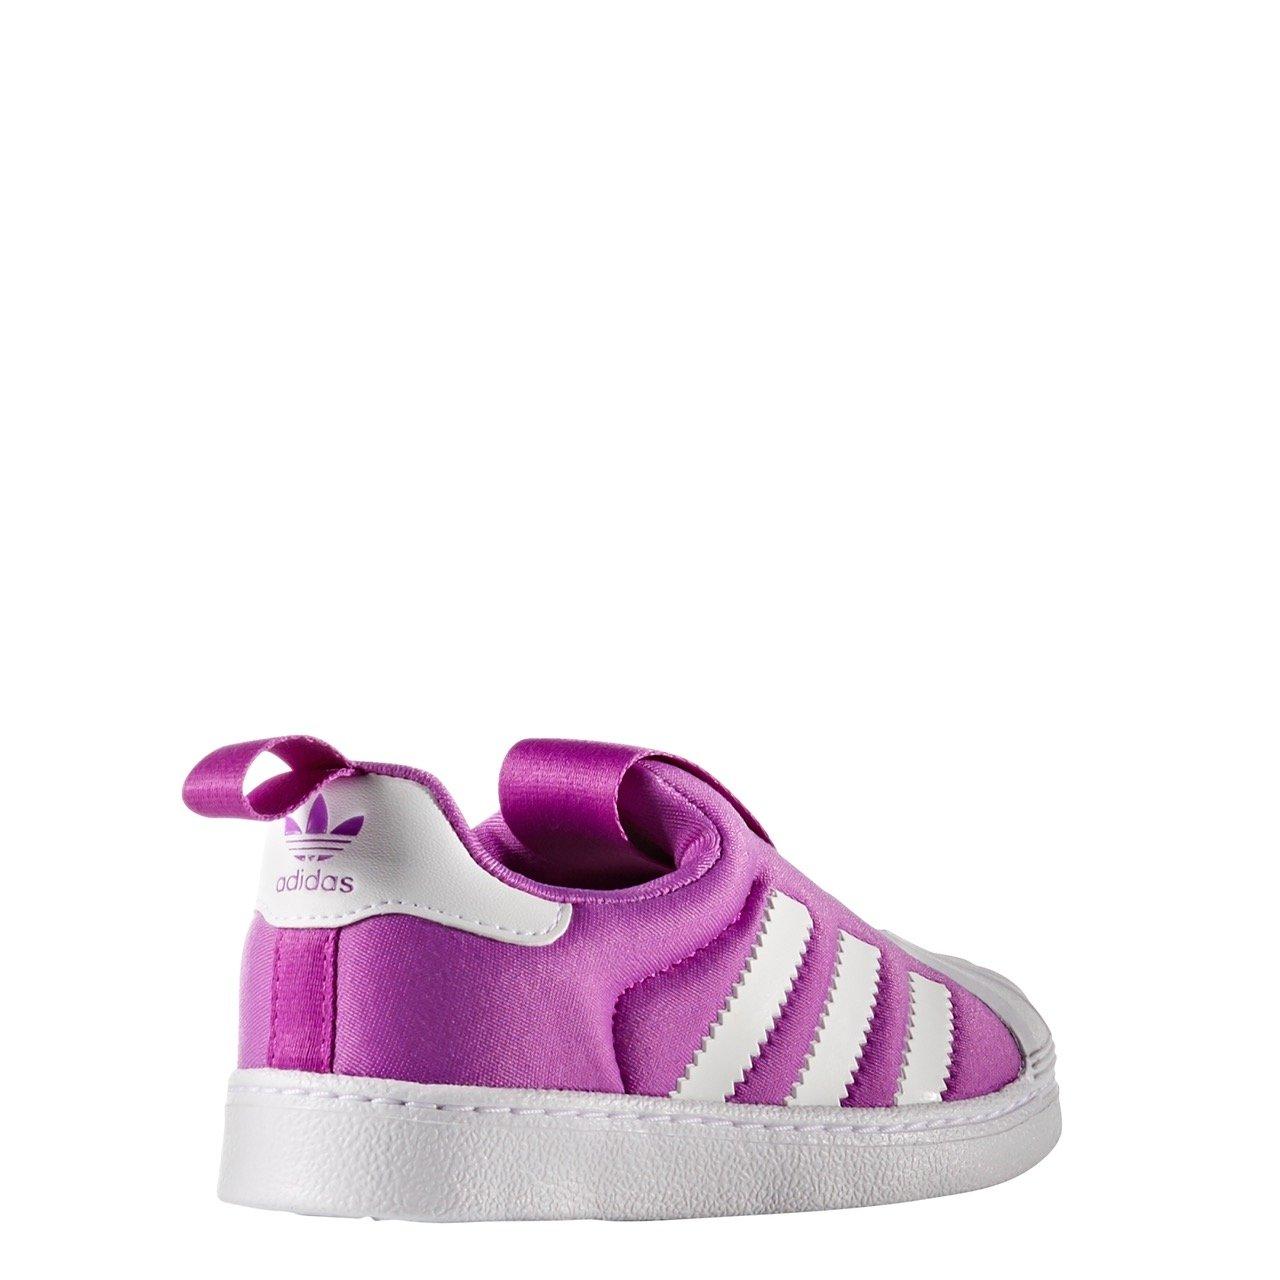 e7a84d0900d Adidas Chaussures Superstar 360 Violet Bébé Fille  Amazon.fr  Chaussures et  Sacs